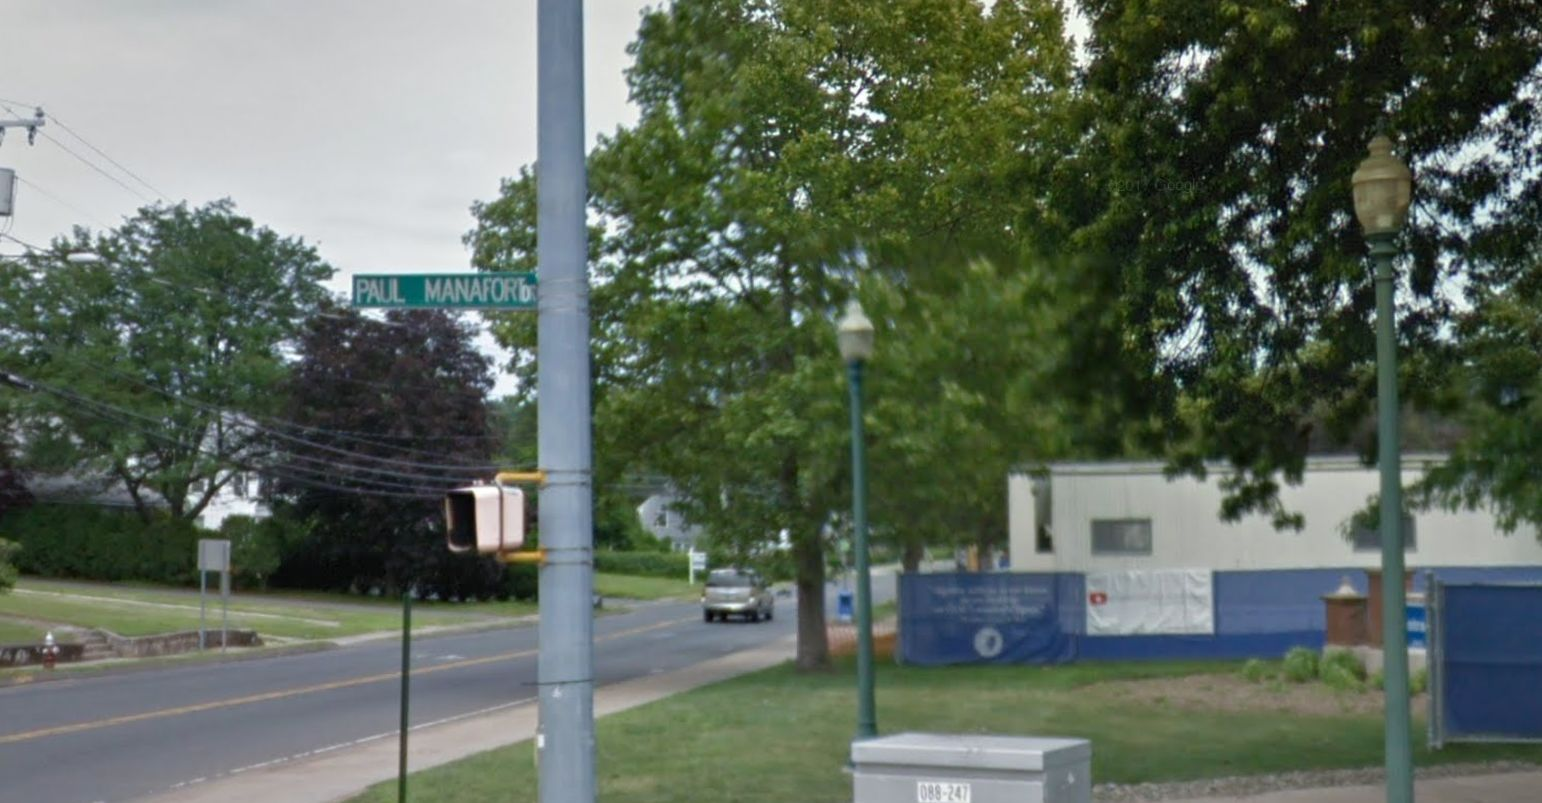 Connecticutban van egy Paul Manafort utca, de már nem sokáig